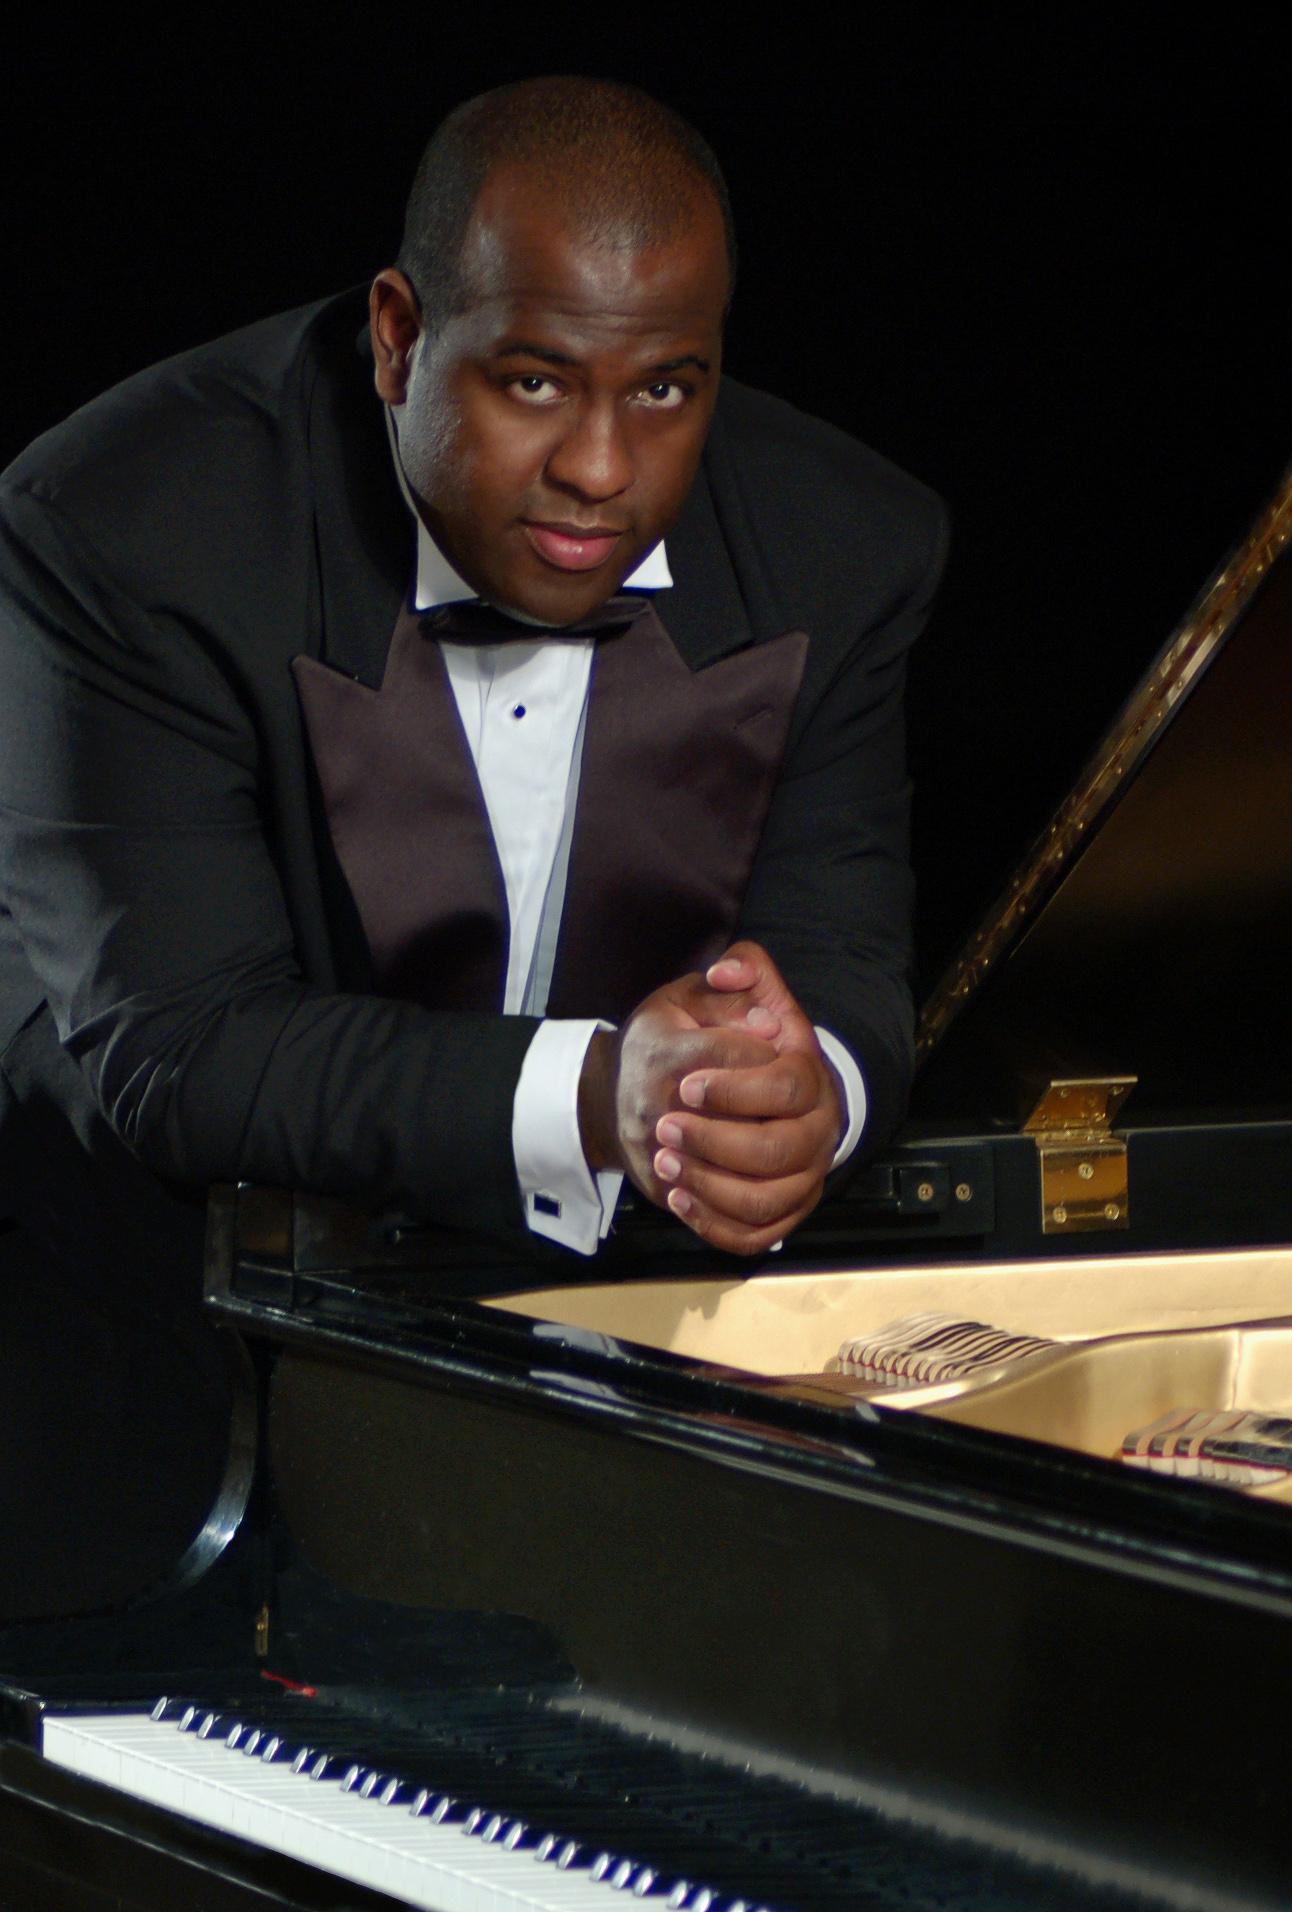 Adonis Gonzalez - KONZERT PIANIST